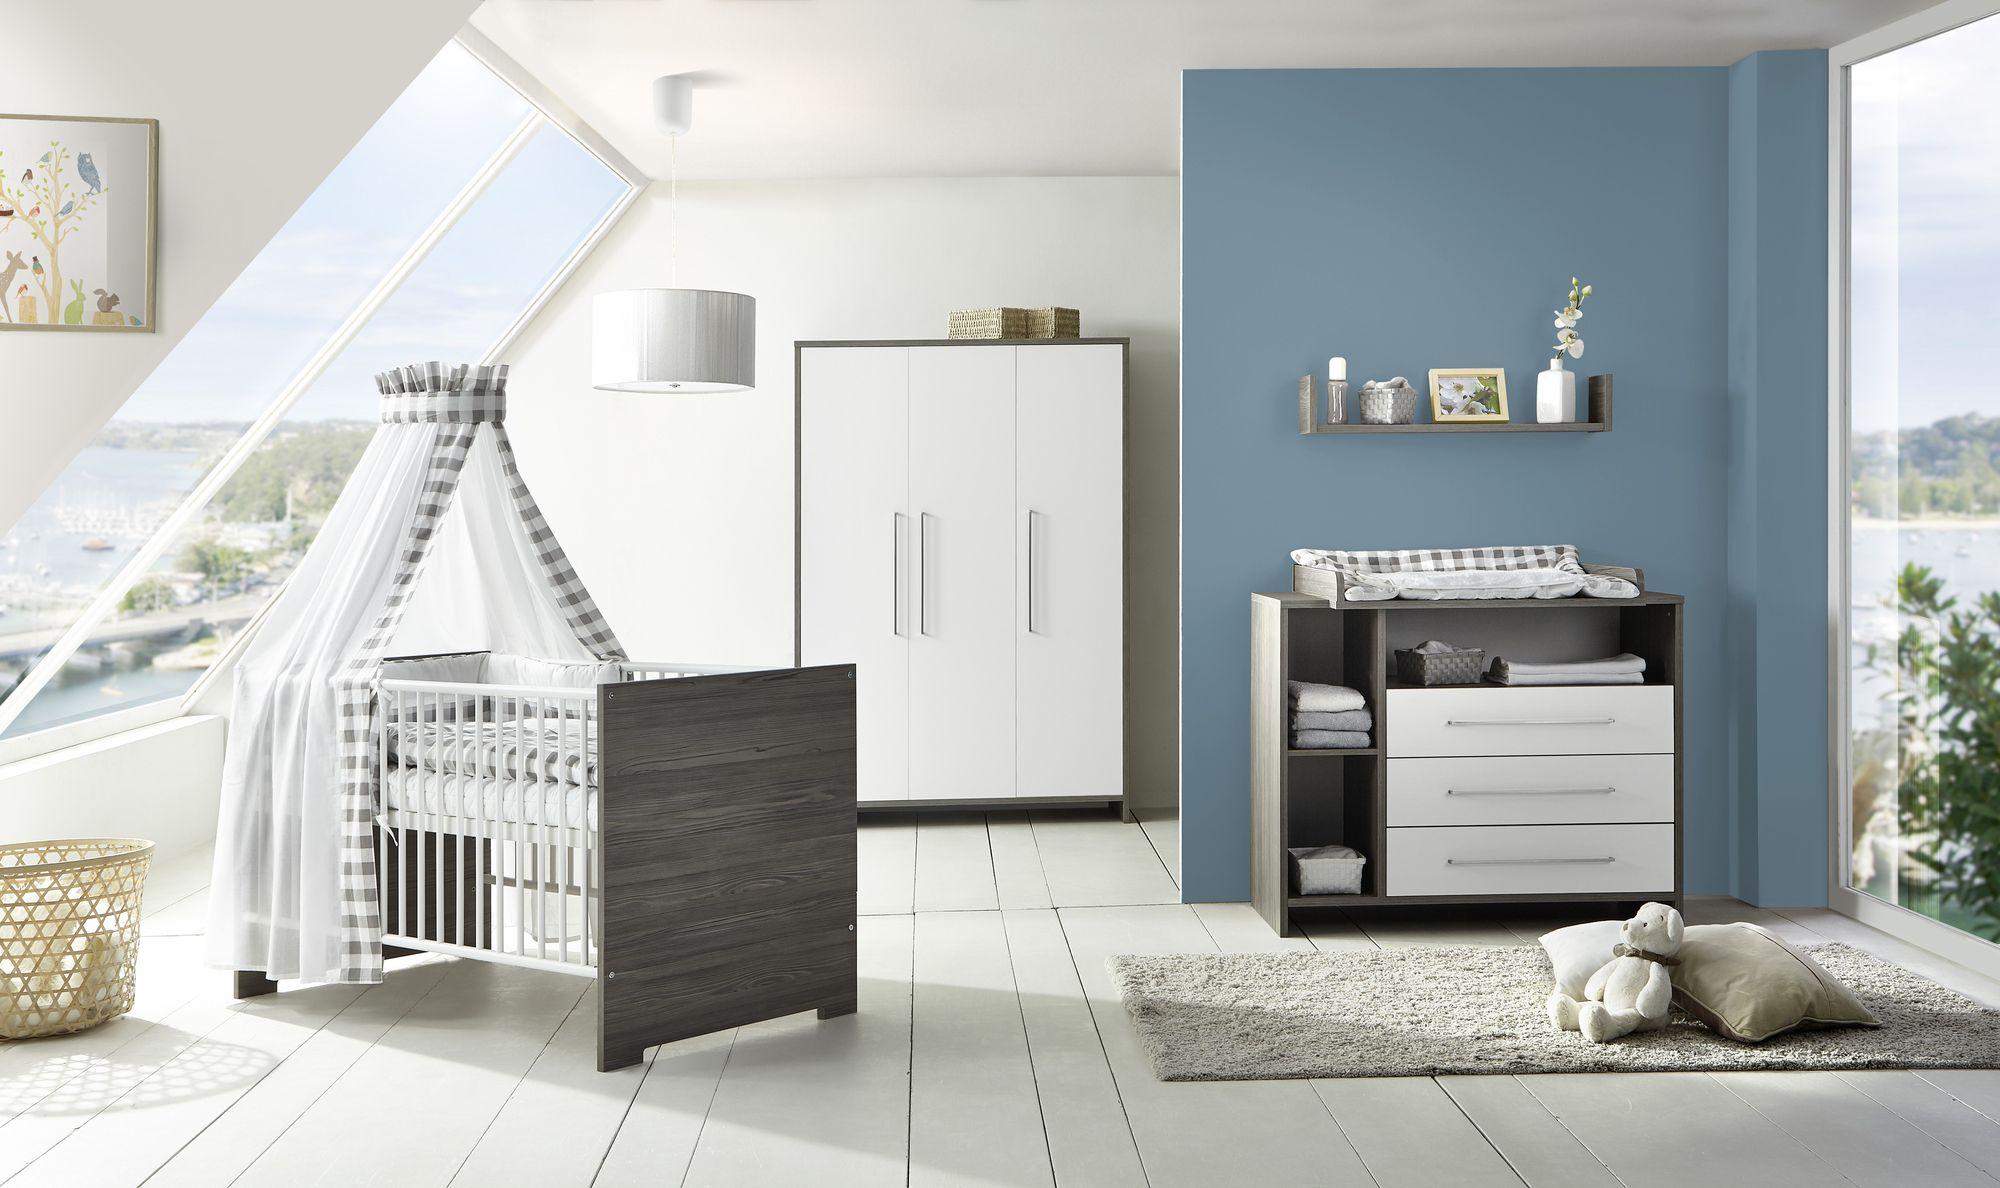 schardt gmbh co kg kinderzimmer eco fleetwood. Black Bedroom Furniture Sets. Home Design Ideas